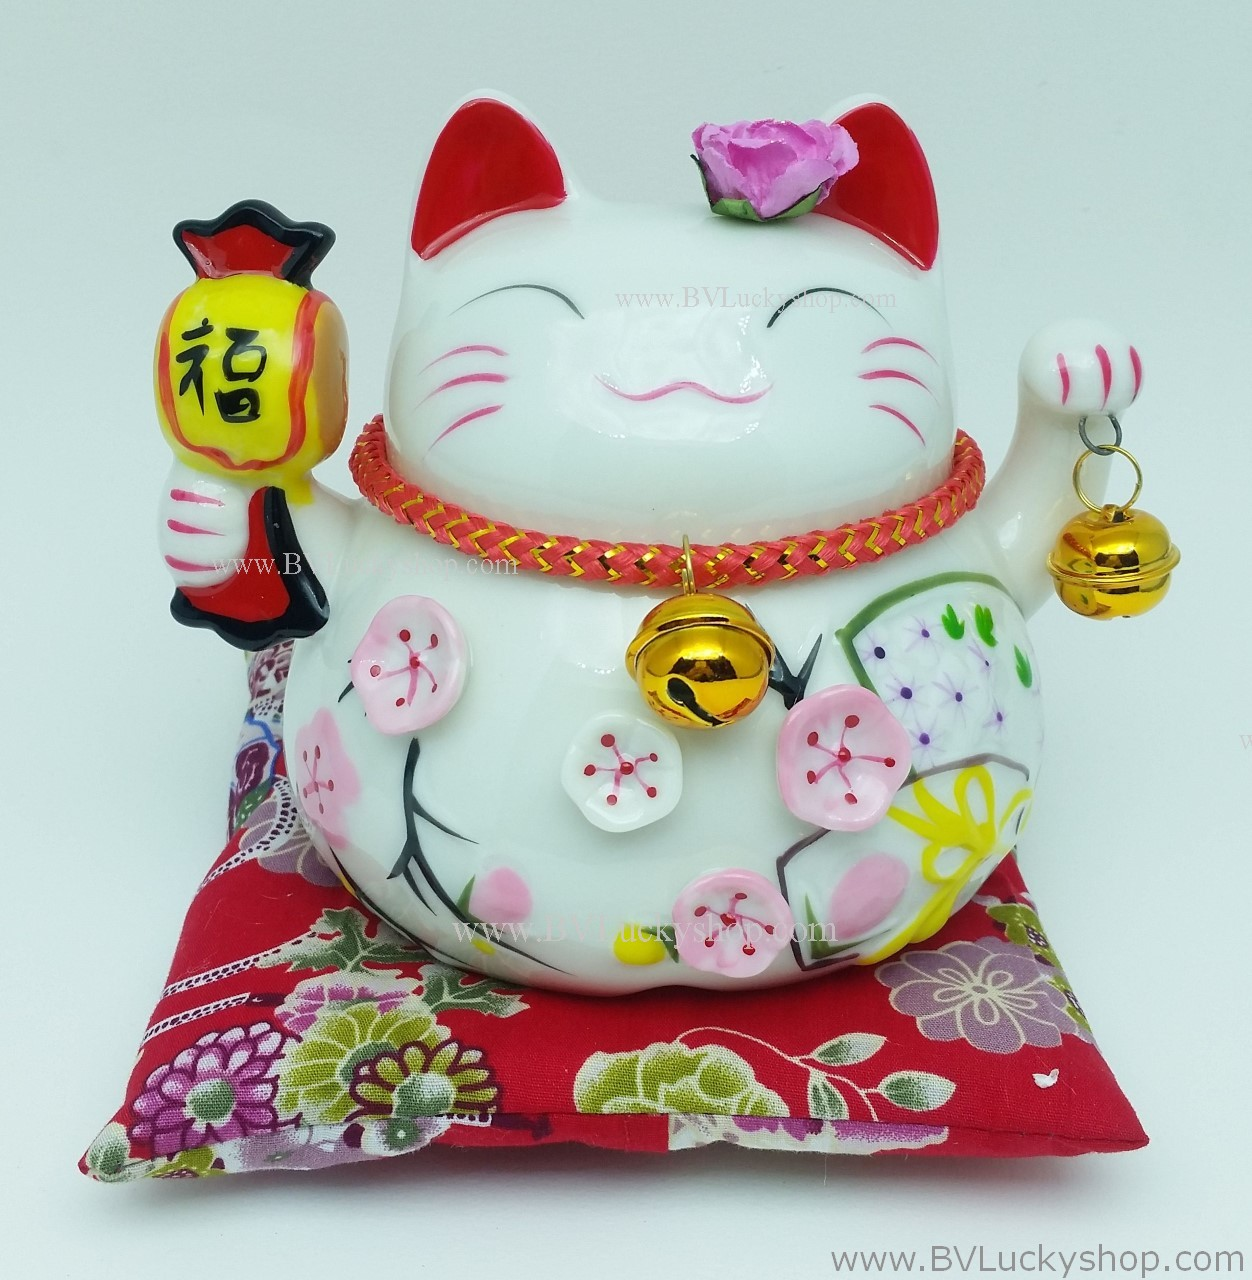 แมวอ้วน แมวกวัก แมวนำโชค สูง 4.5 นิ้ว ถือค้อนให้โชคลาภ [A0503]